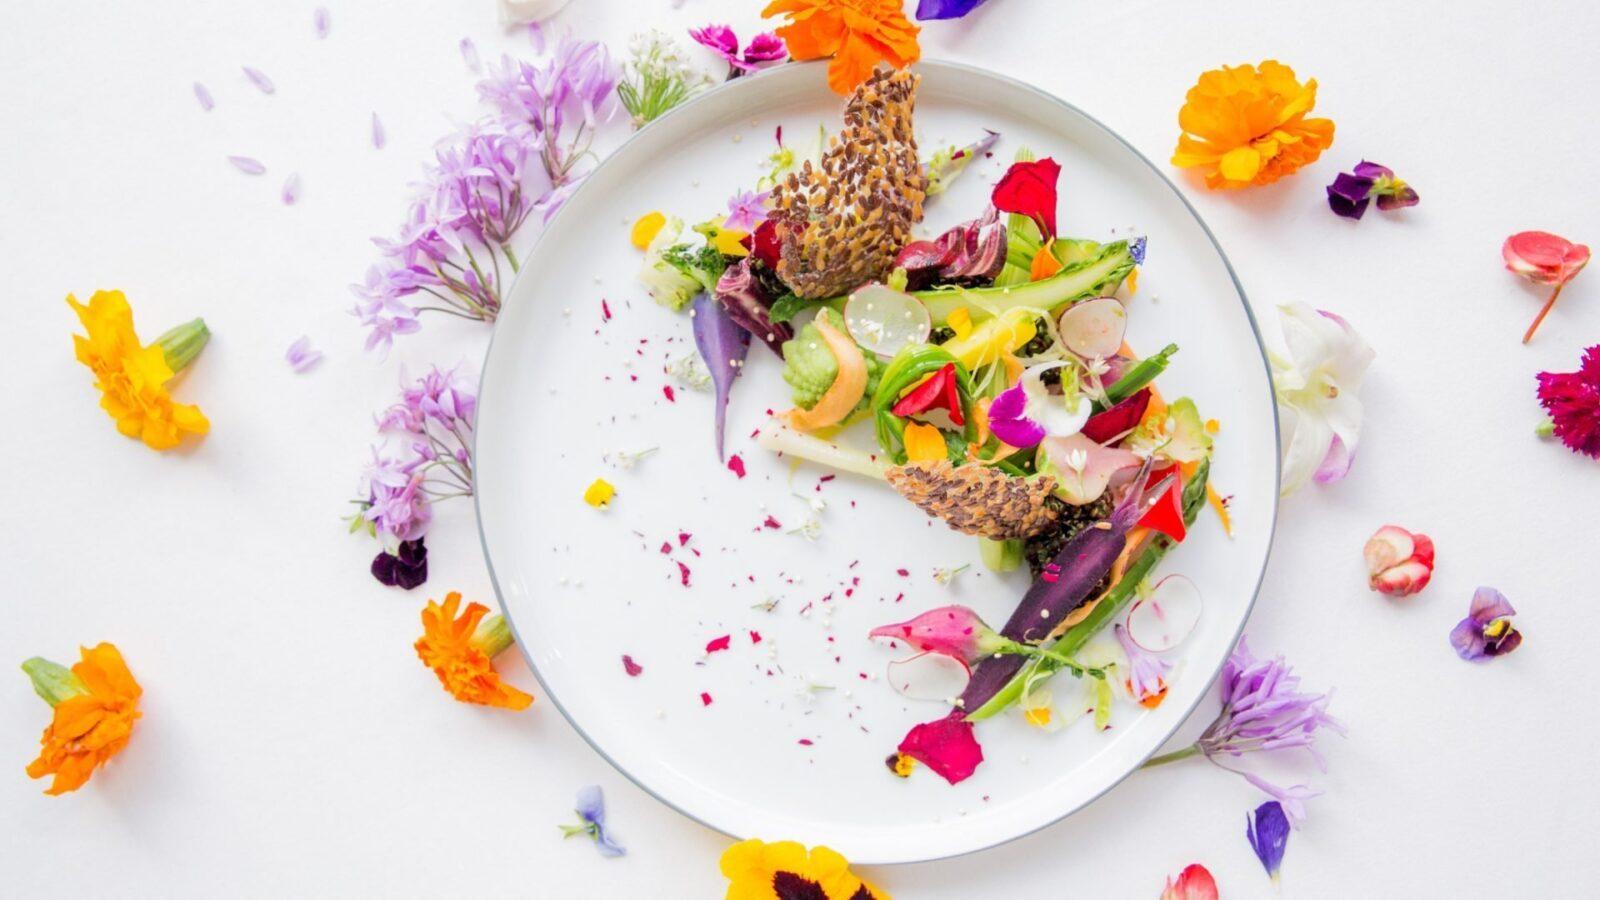 alain ducasse at the dorchester chelsea flower show vegetable garden dish